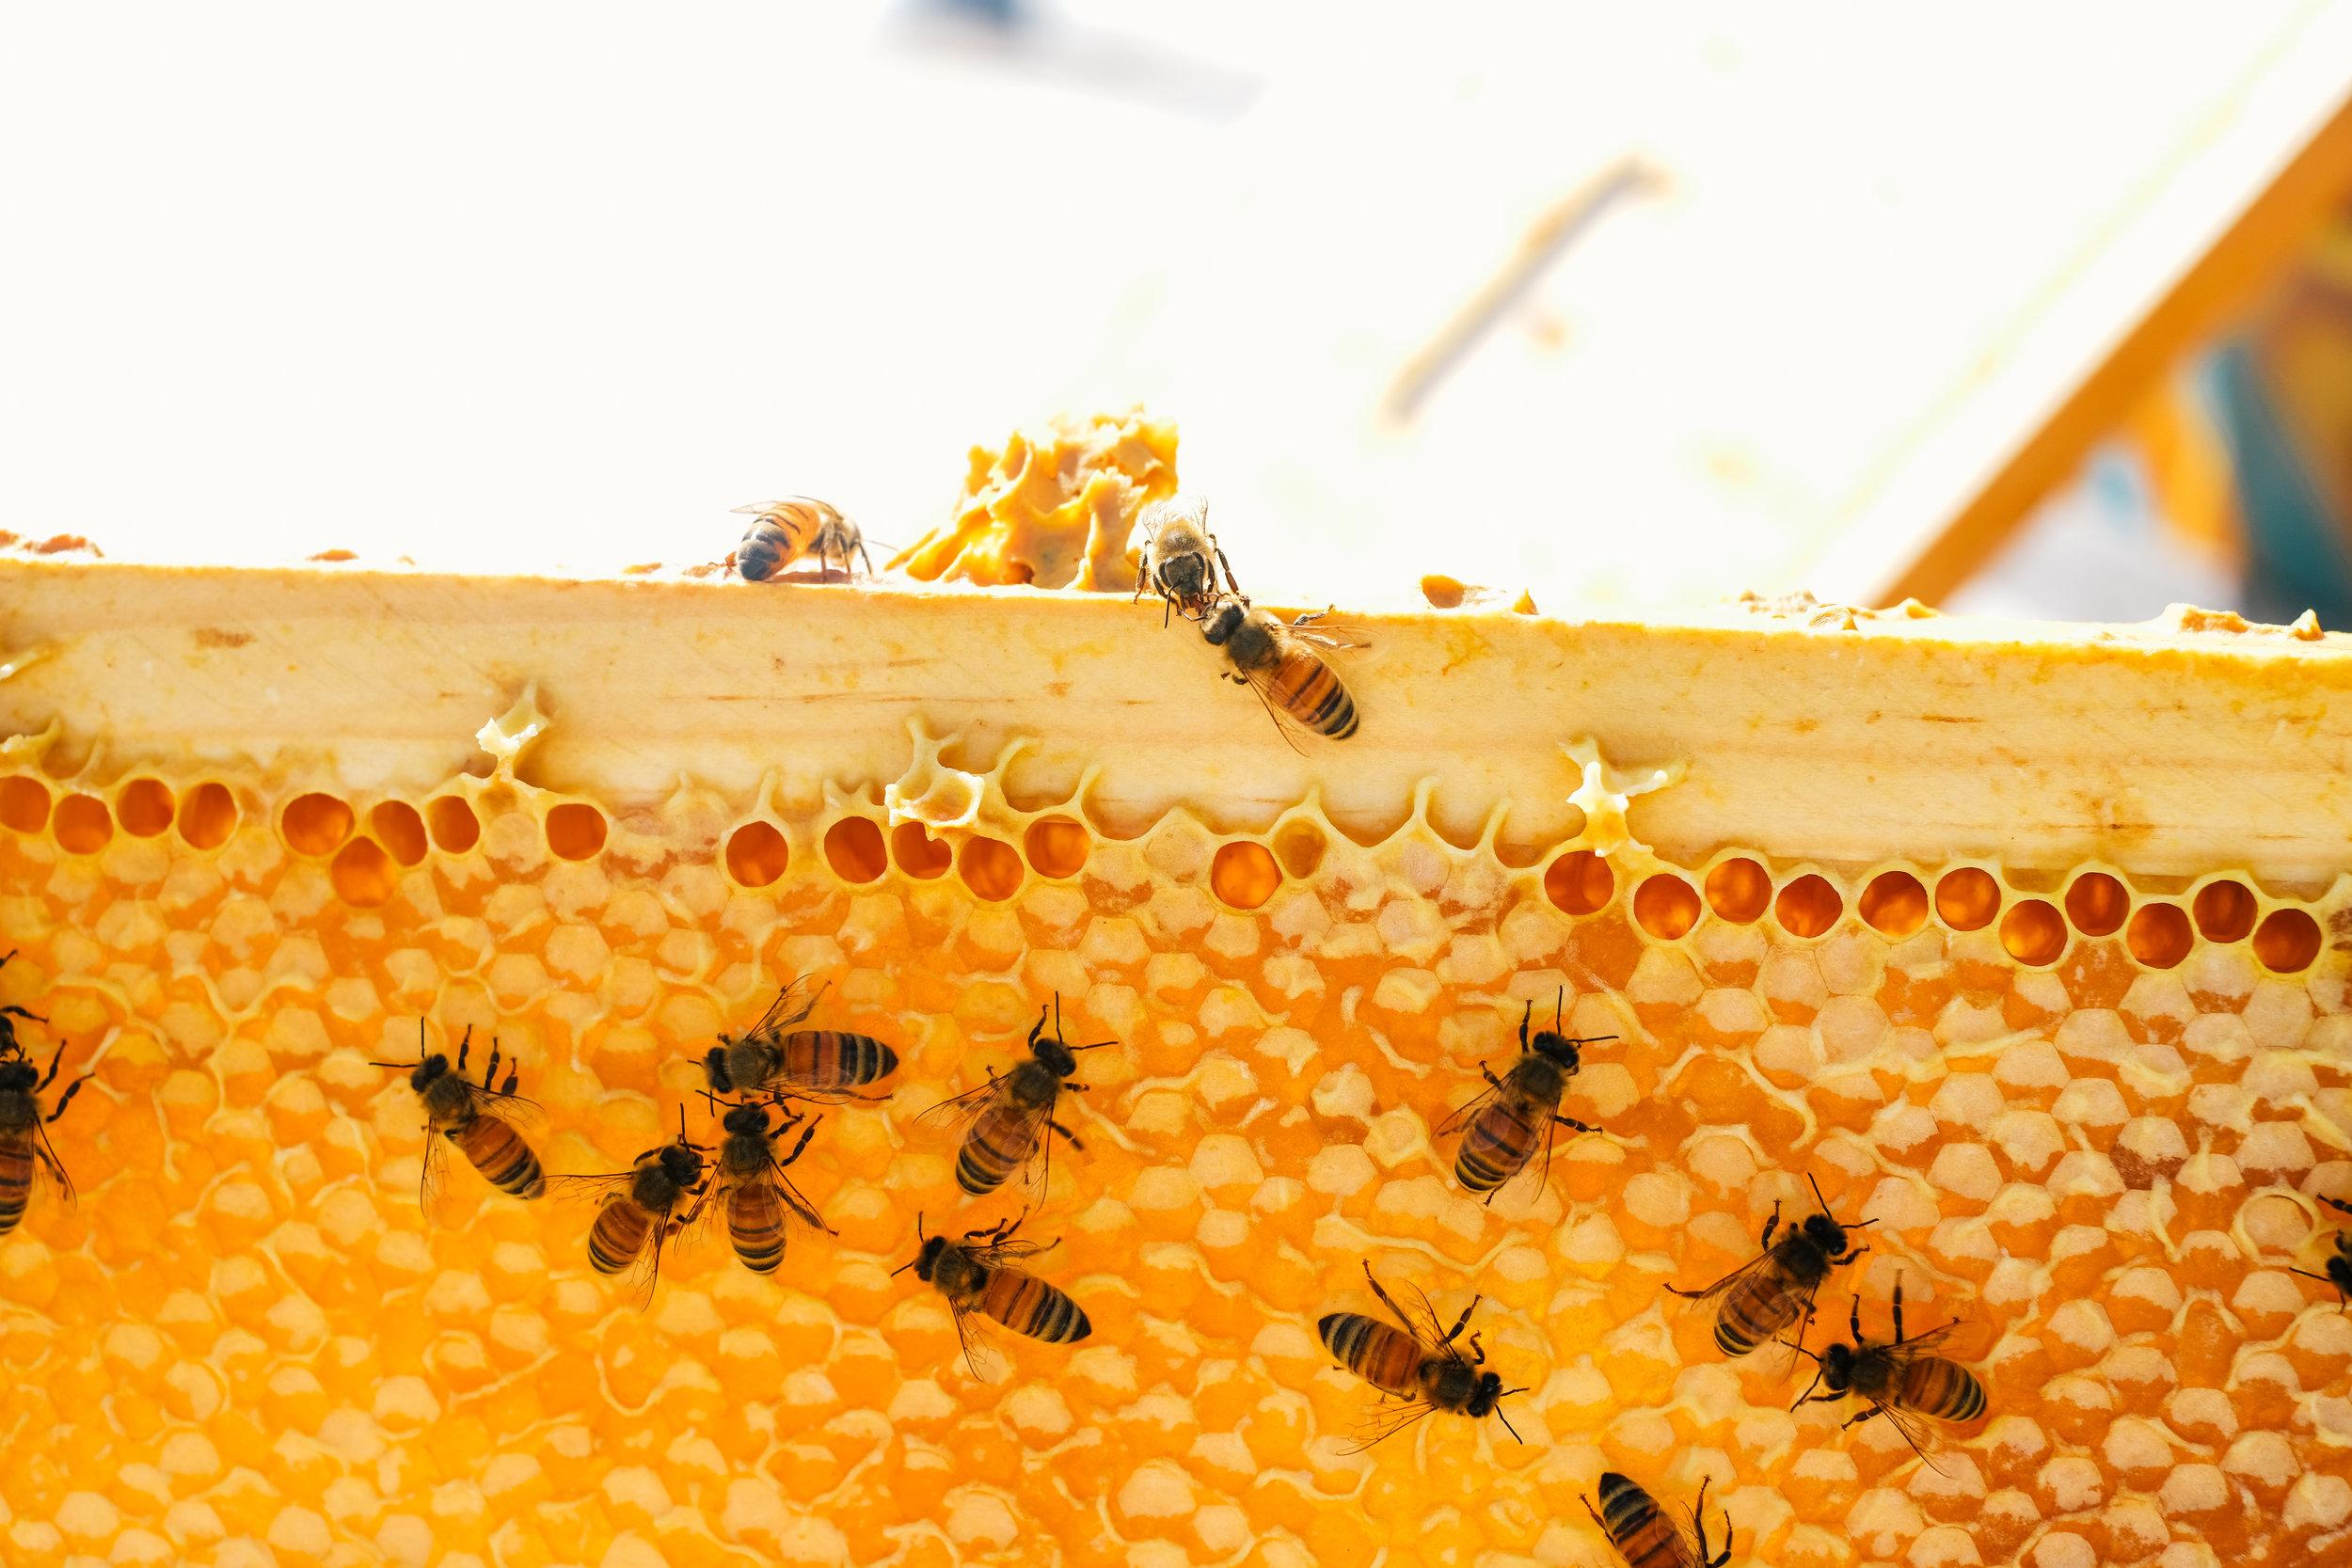 Bees_EmpressGreen-131.jpg